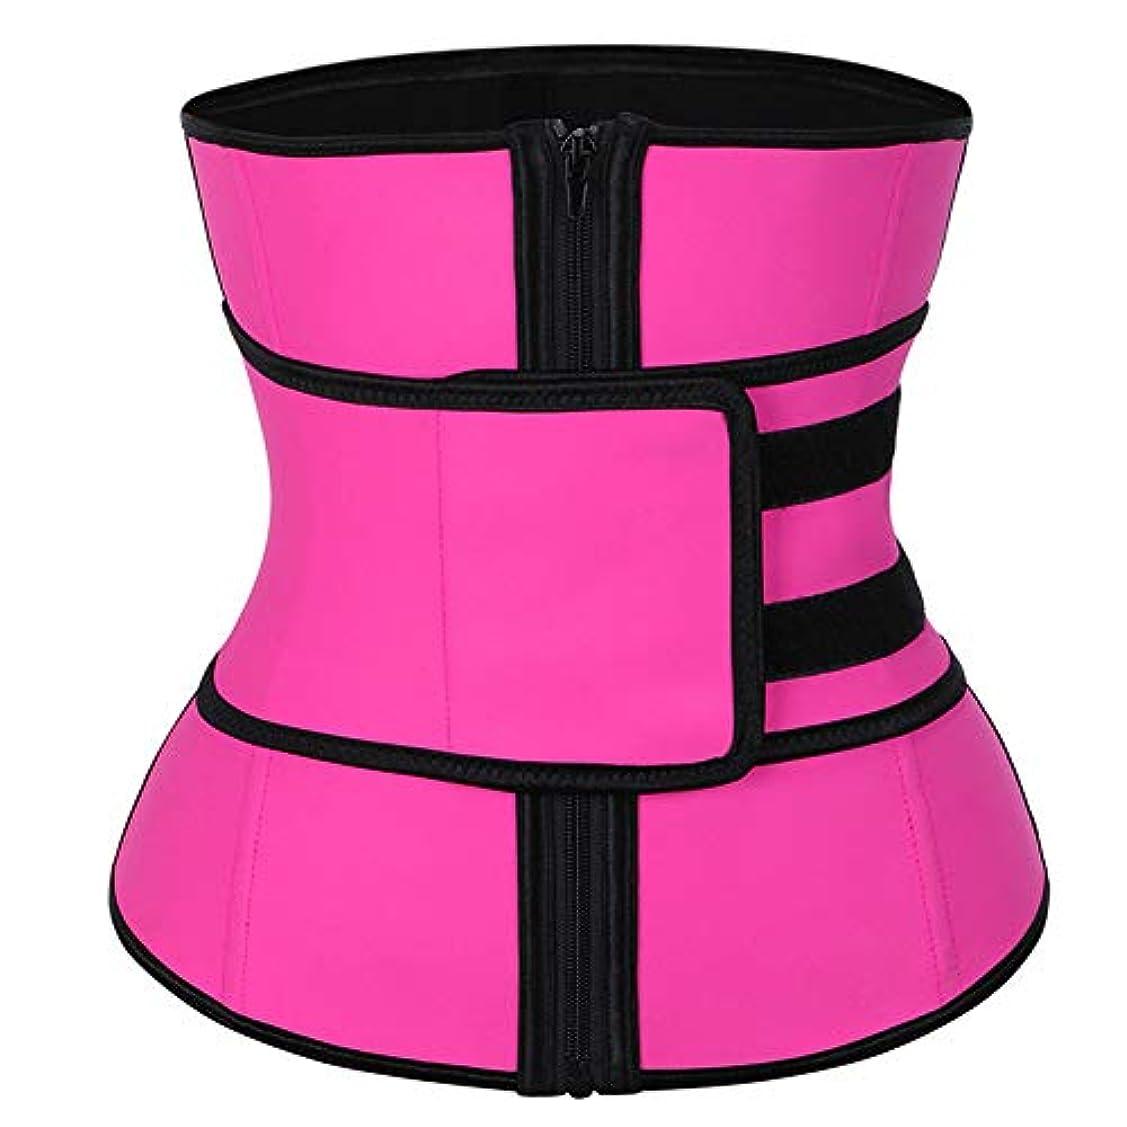 可動式患者トマト女性のウエストトレーニングコルセットコルセットネオプレン付きジッパーウエストスリムベルトラテックスラテックス通気性ウエストボディシェイプ,Pink,XL